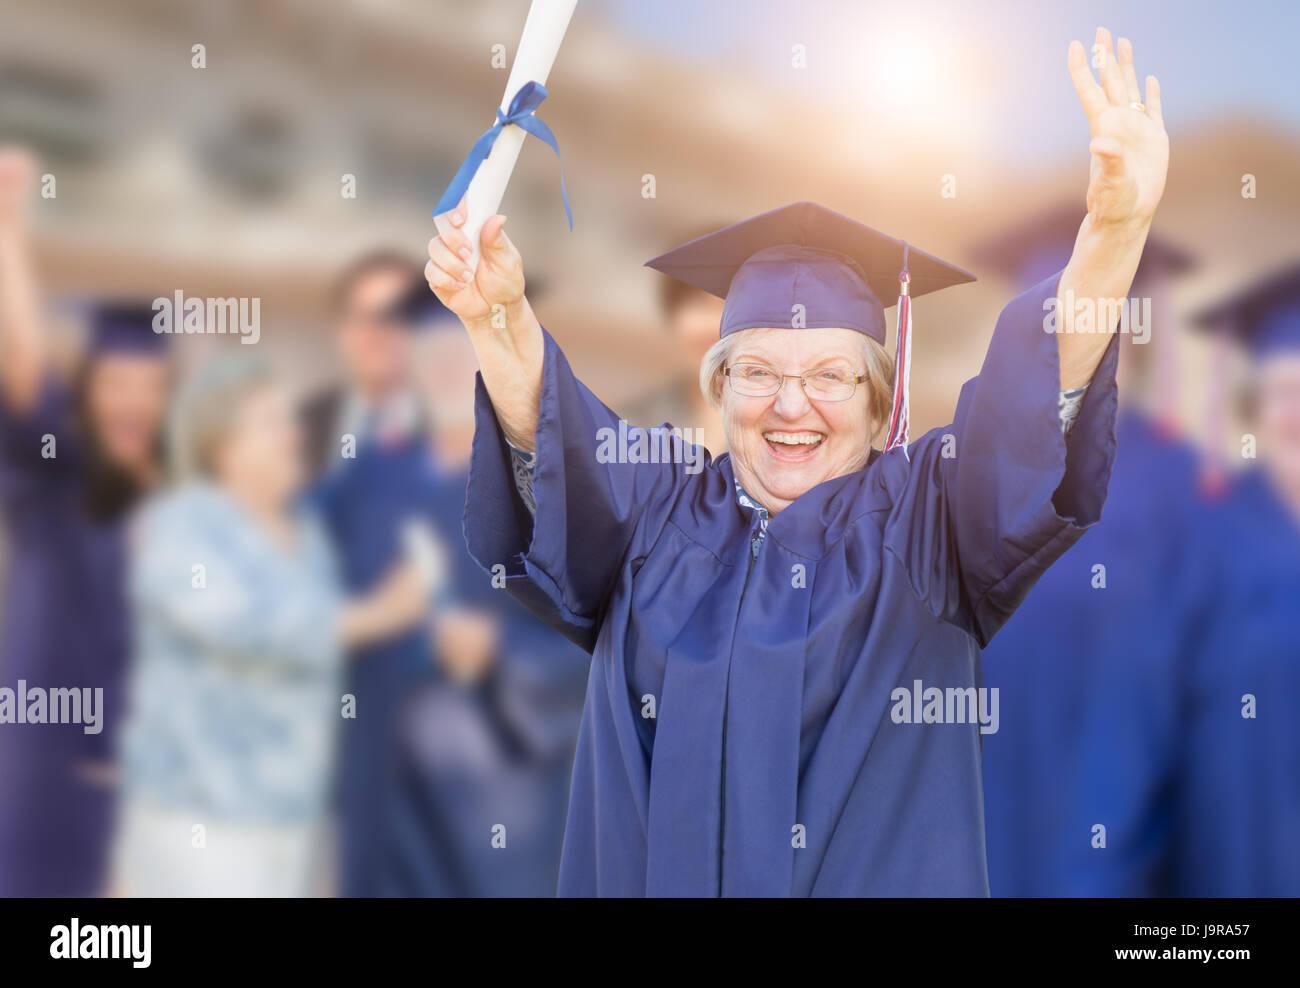 Felice Senior donna adulta nel cappuccio e abito a Outdoor cerimonia di  laurea. fed3cd9f22d1